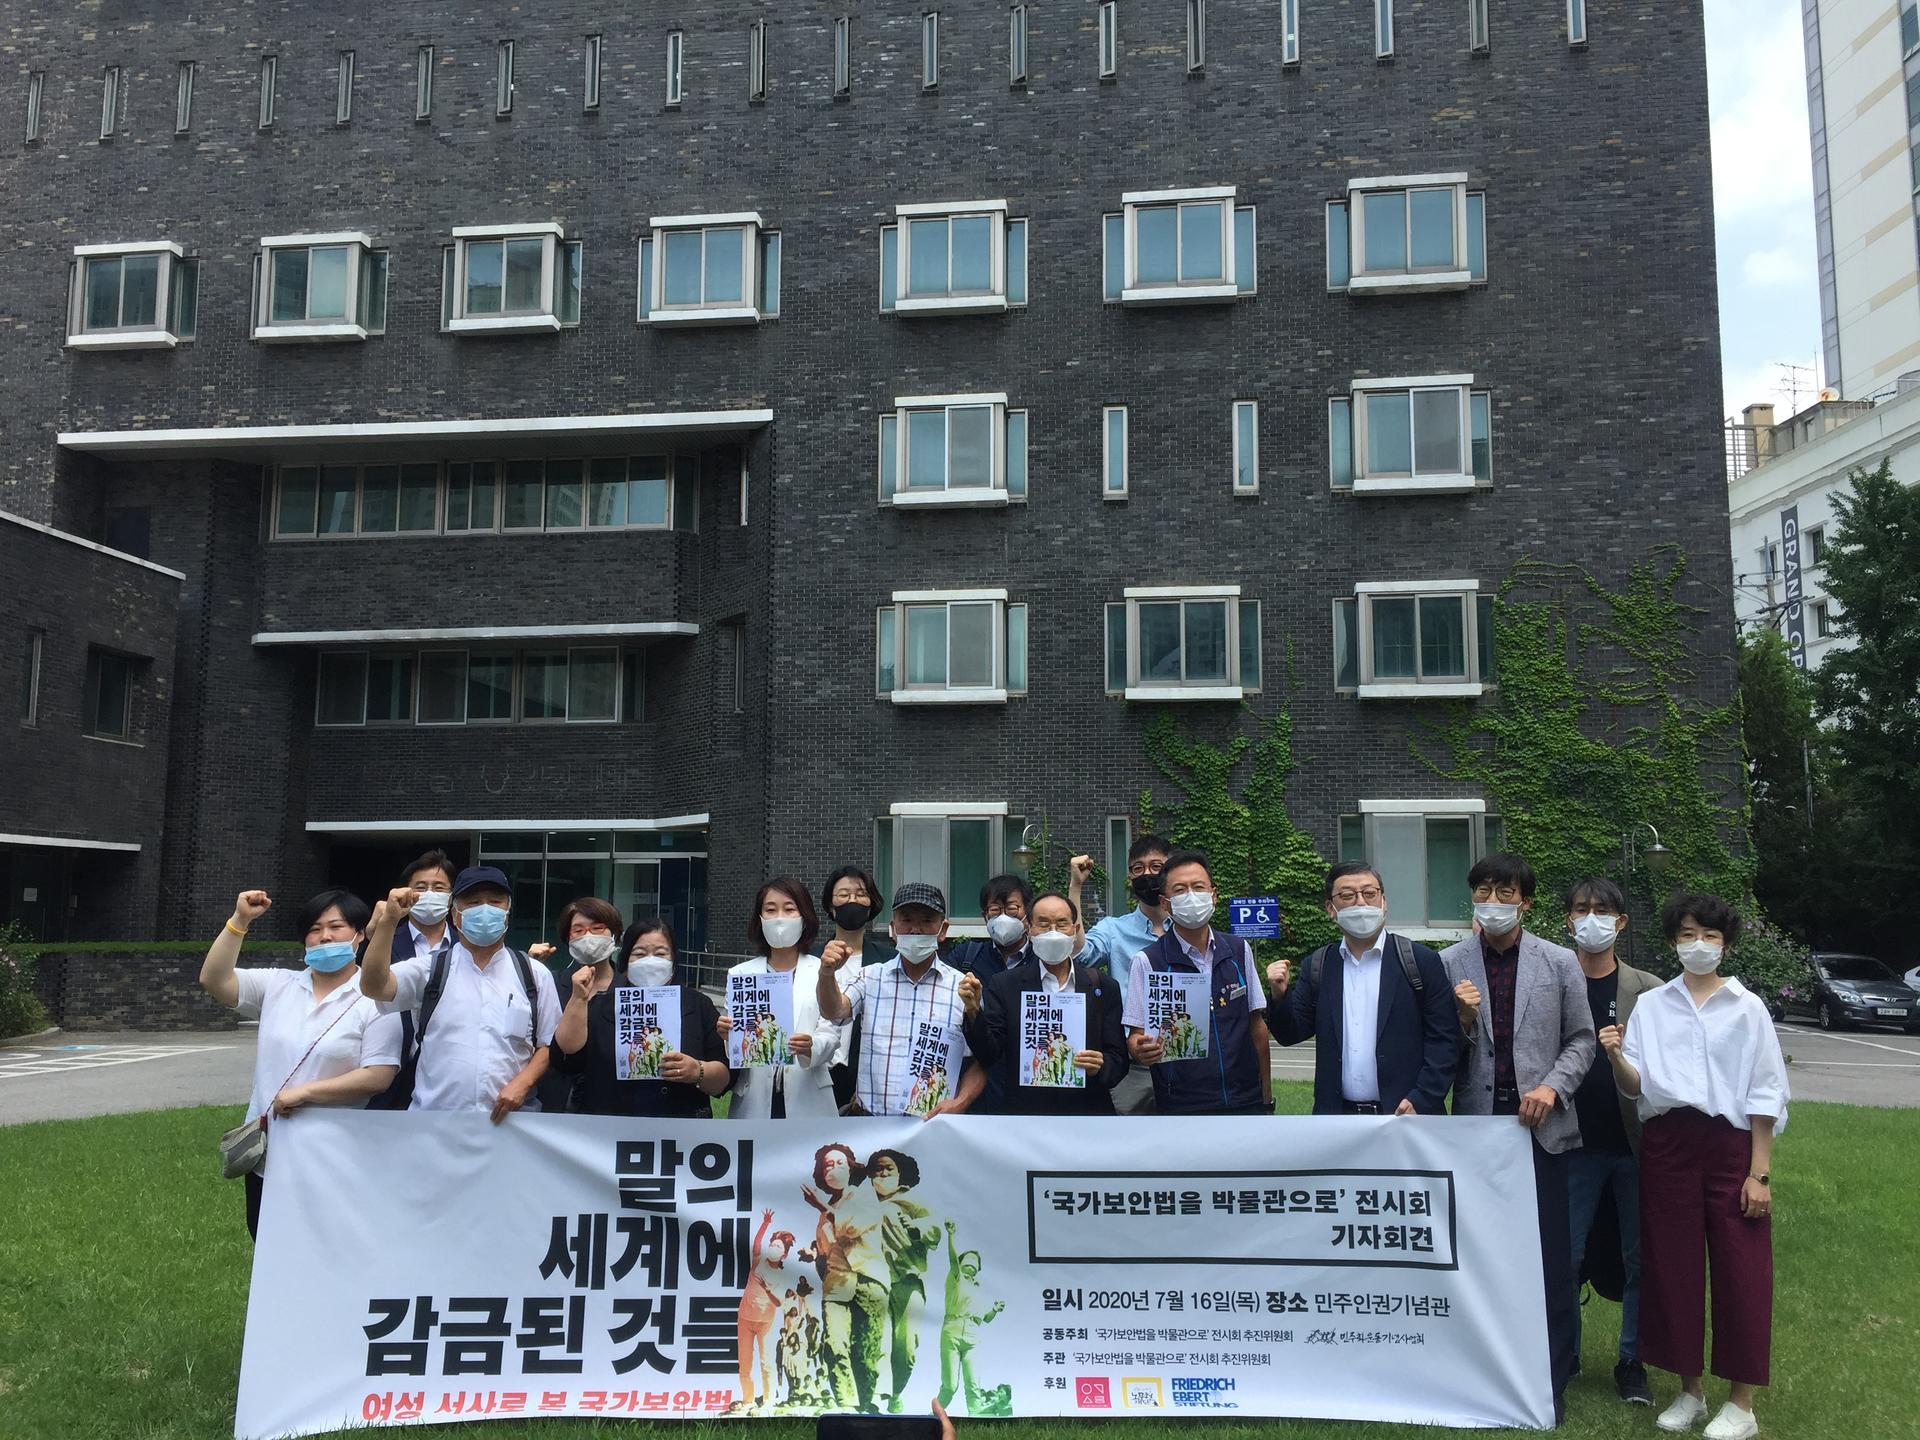 '국가보안법을 박물관으로' 전시회 첫 기자회견 모습